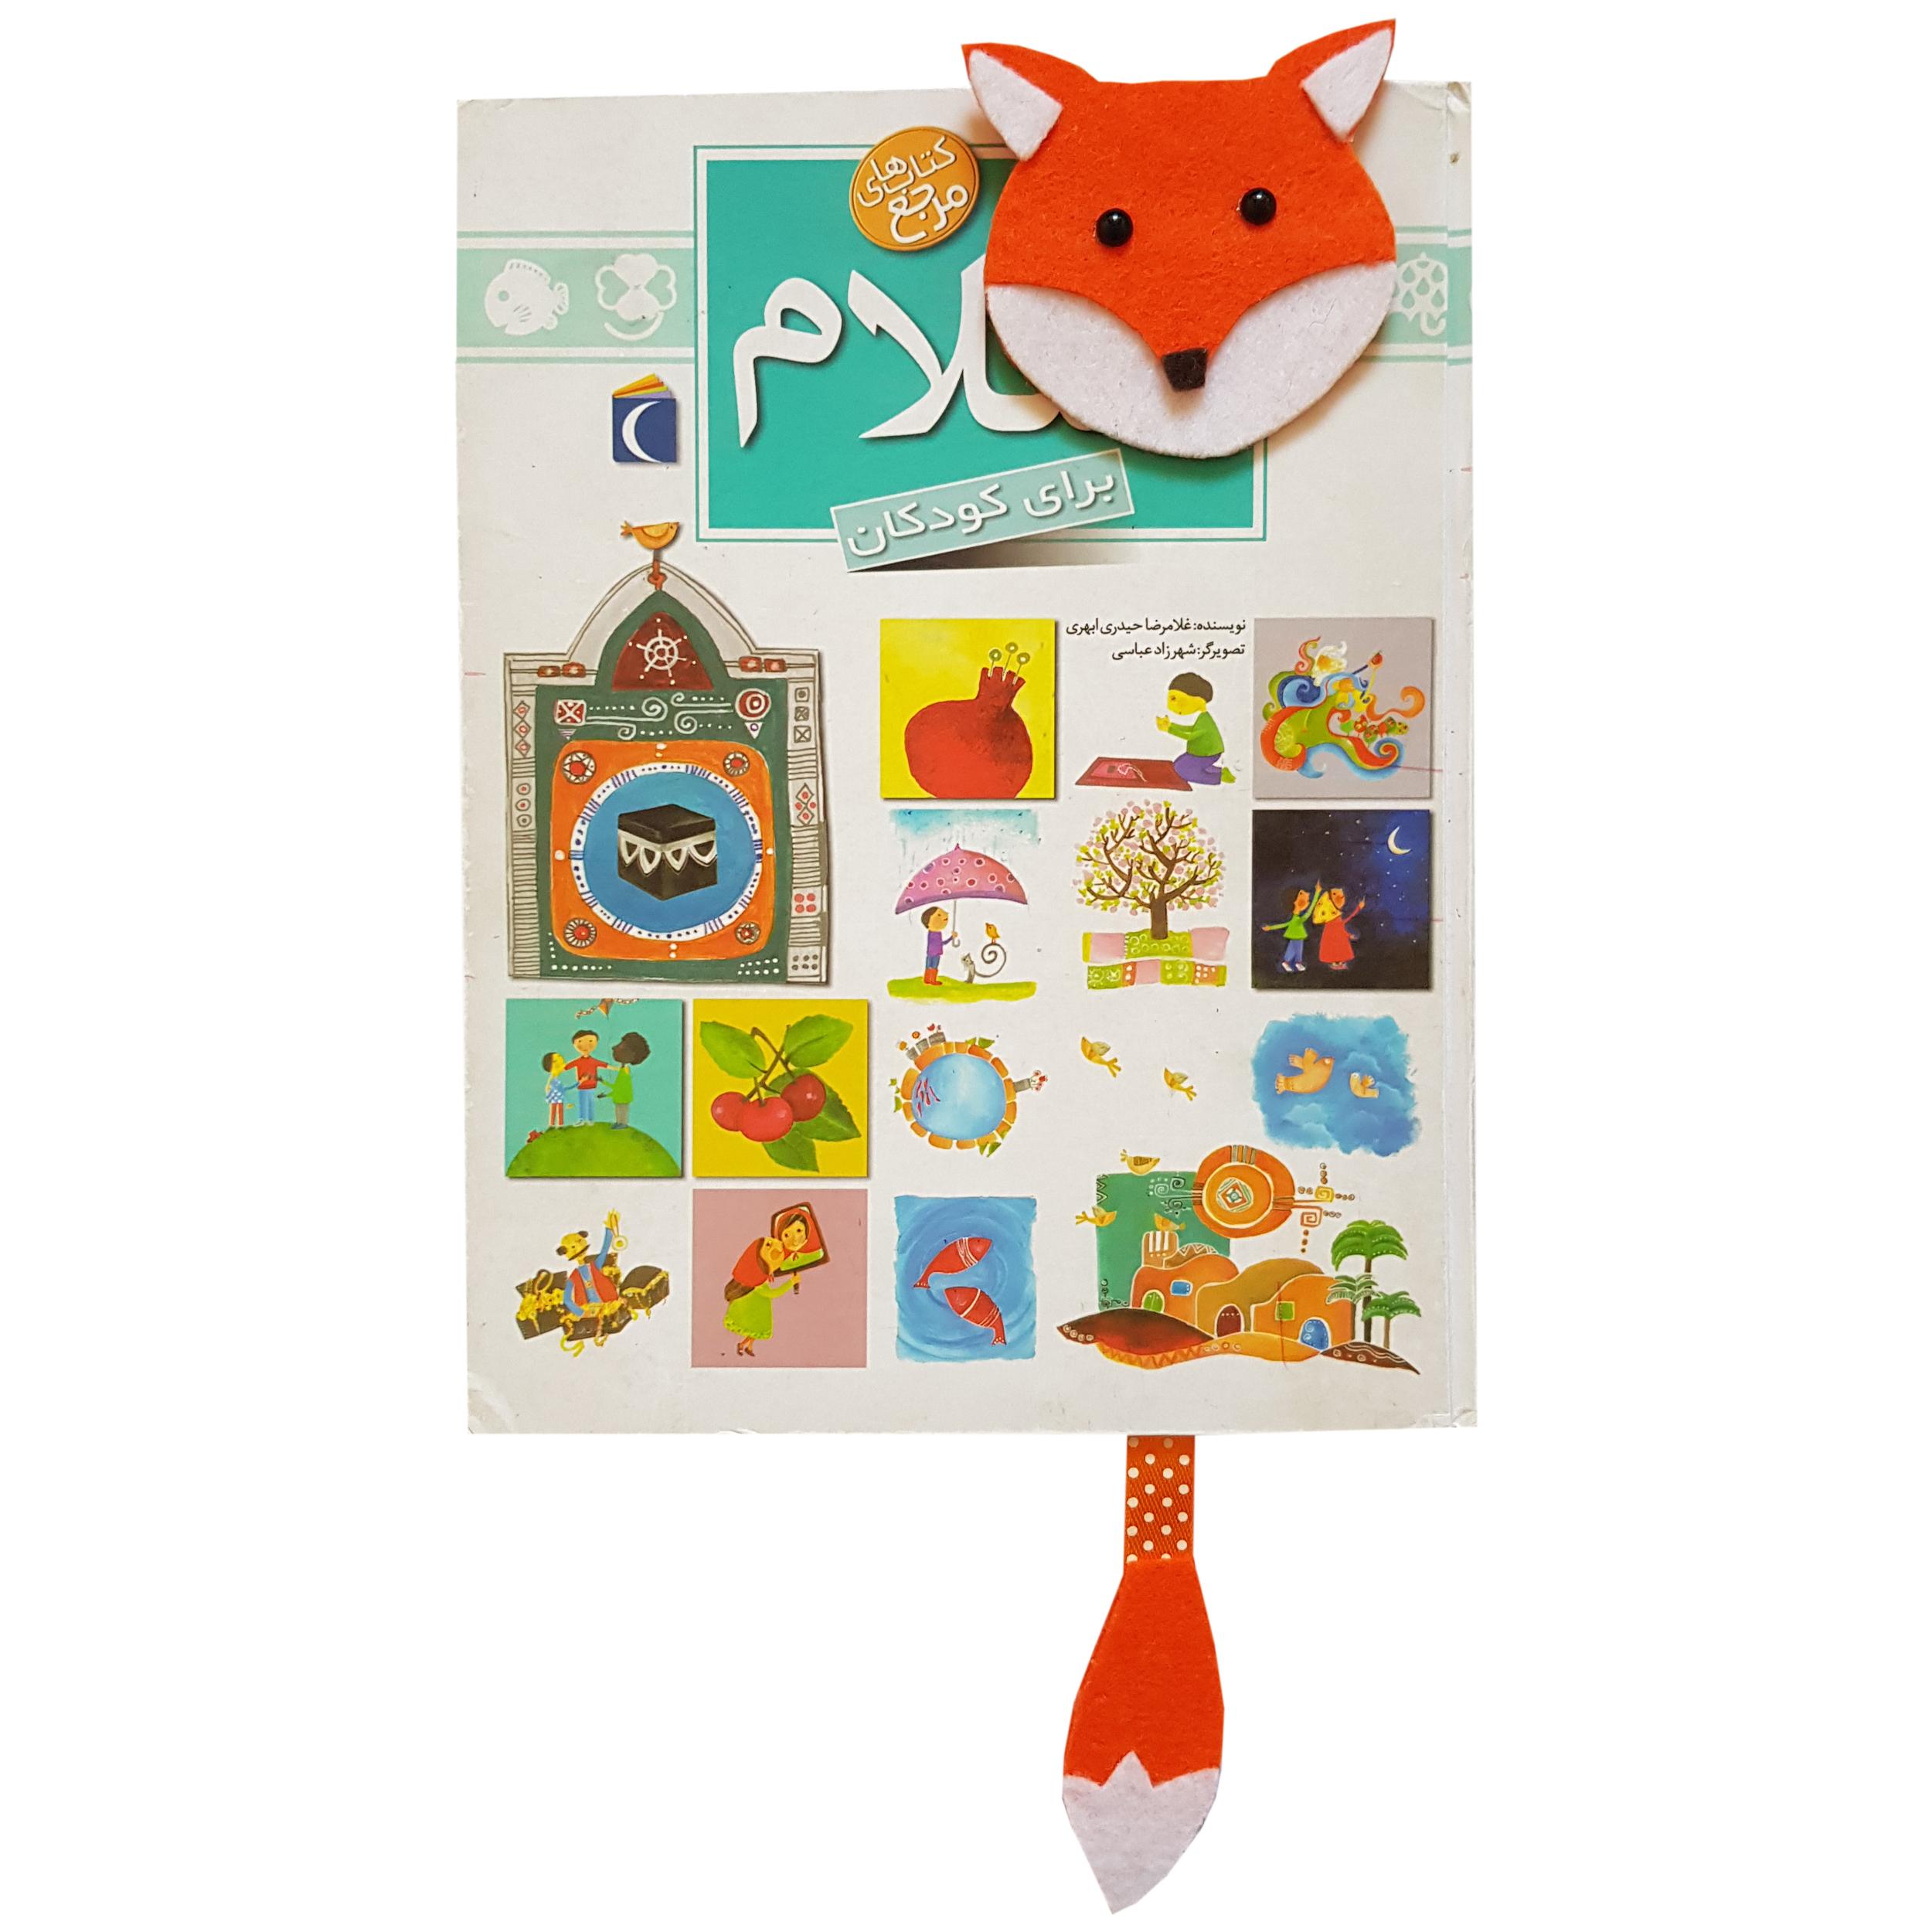 نشانگر کتاب طرح روباه کد 143